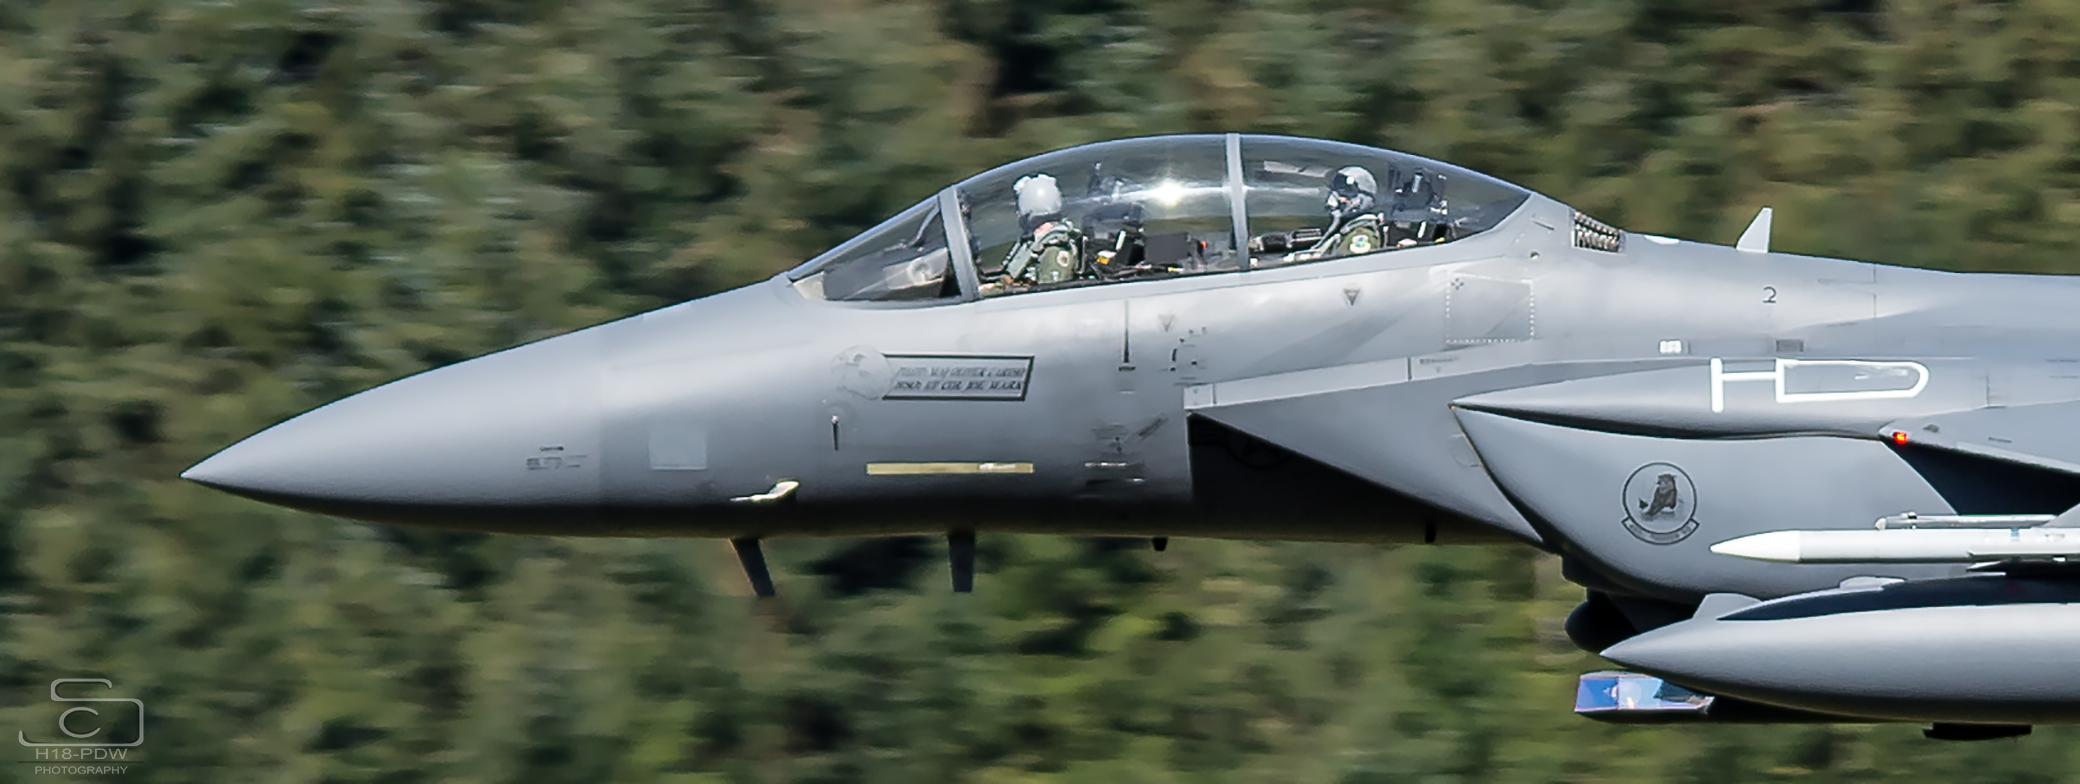 DSC_2046 cockpit